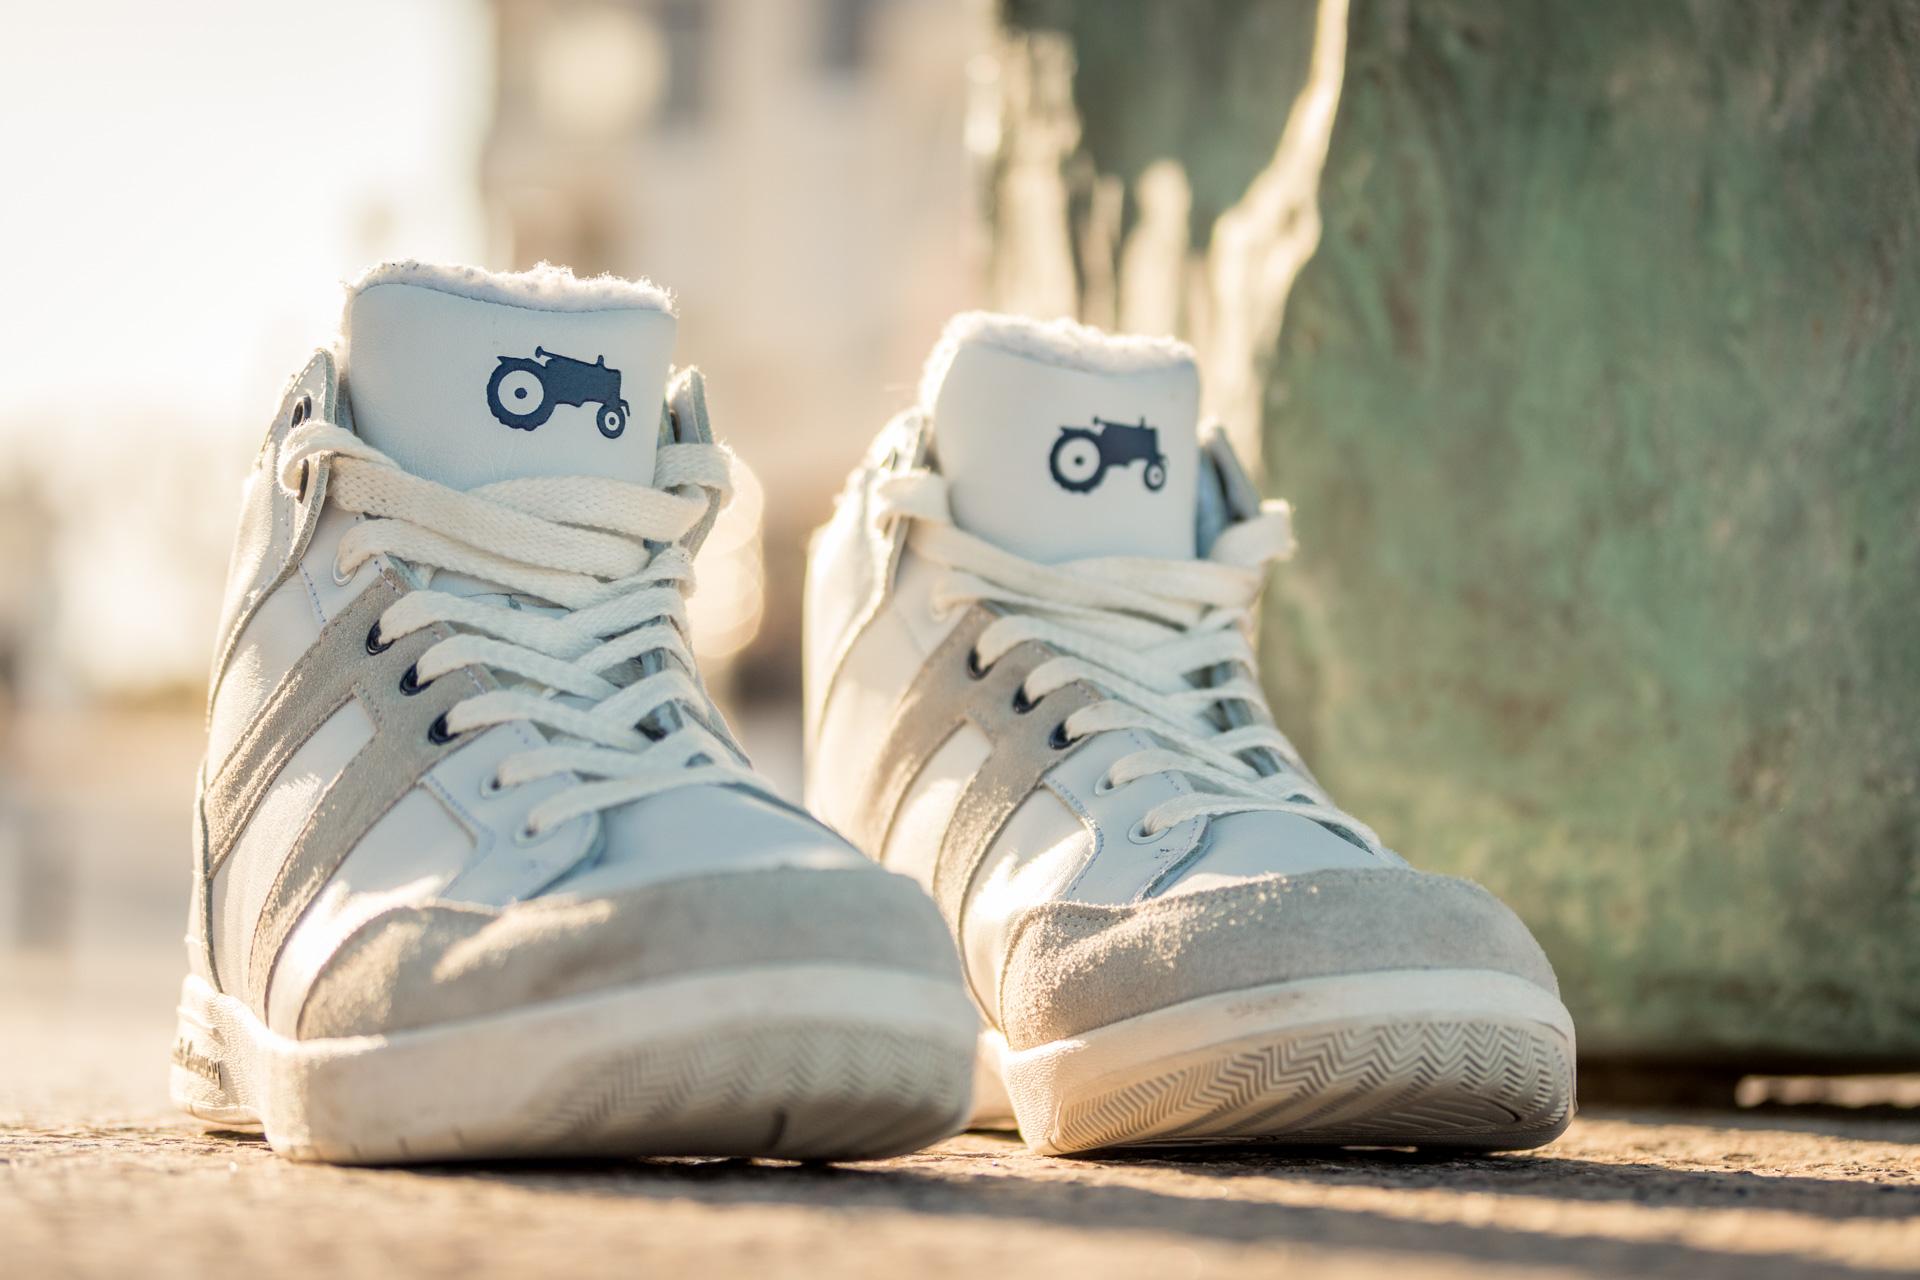 BPP 03 - Sneakers IG-8.jpg